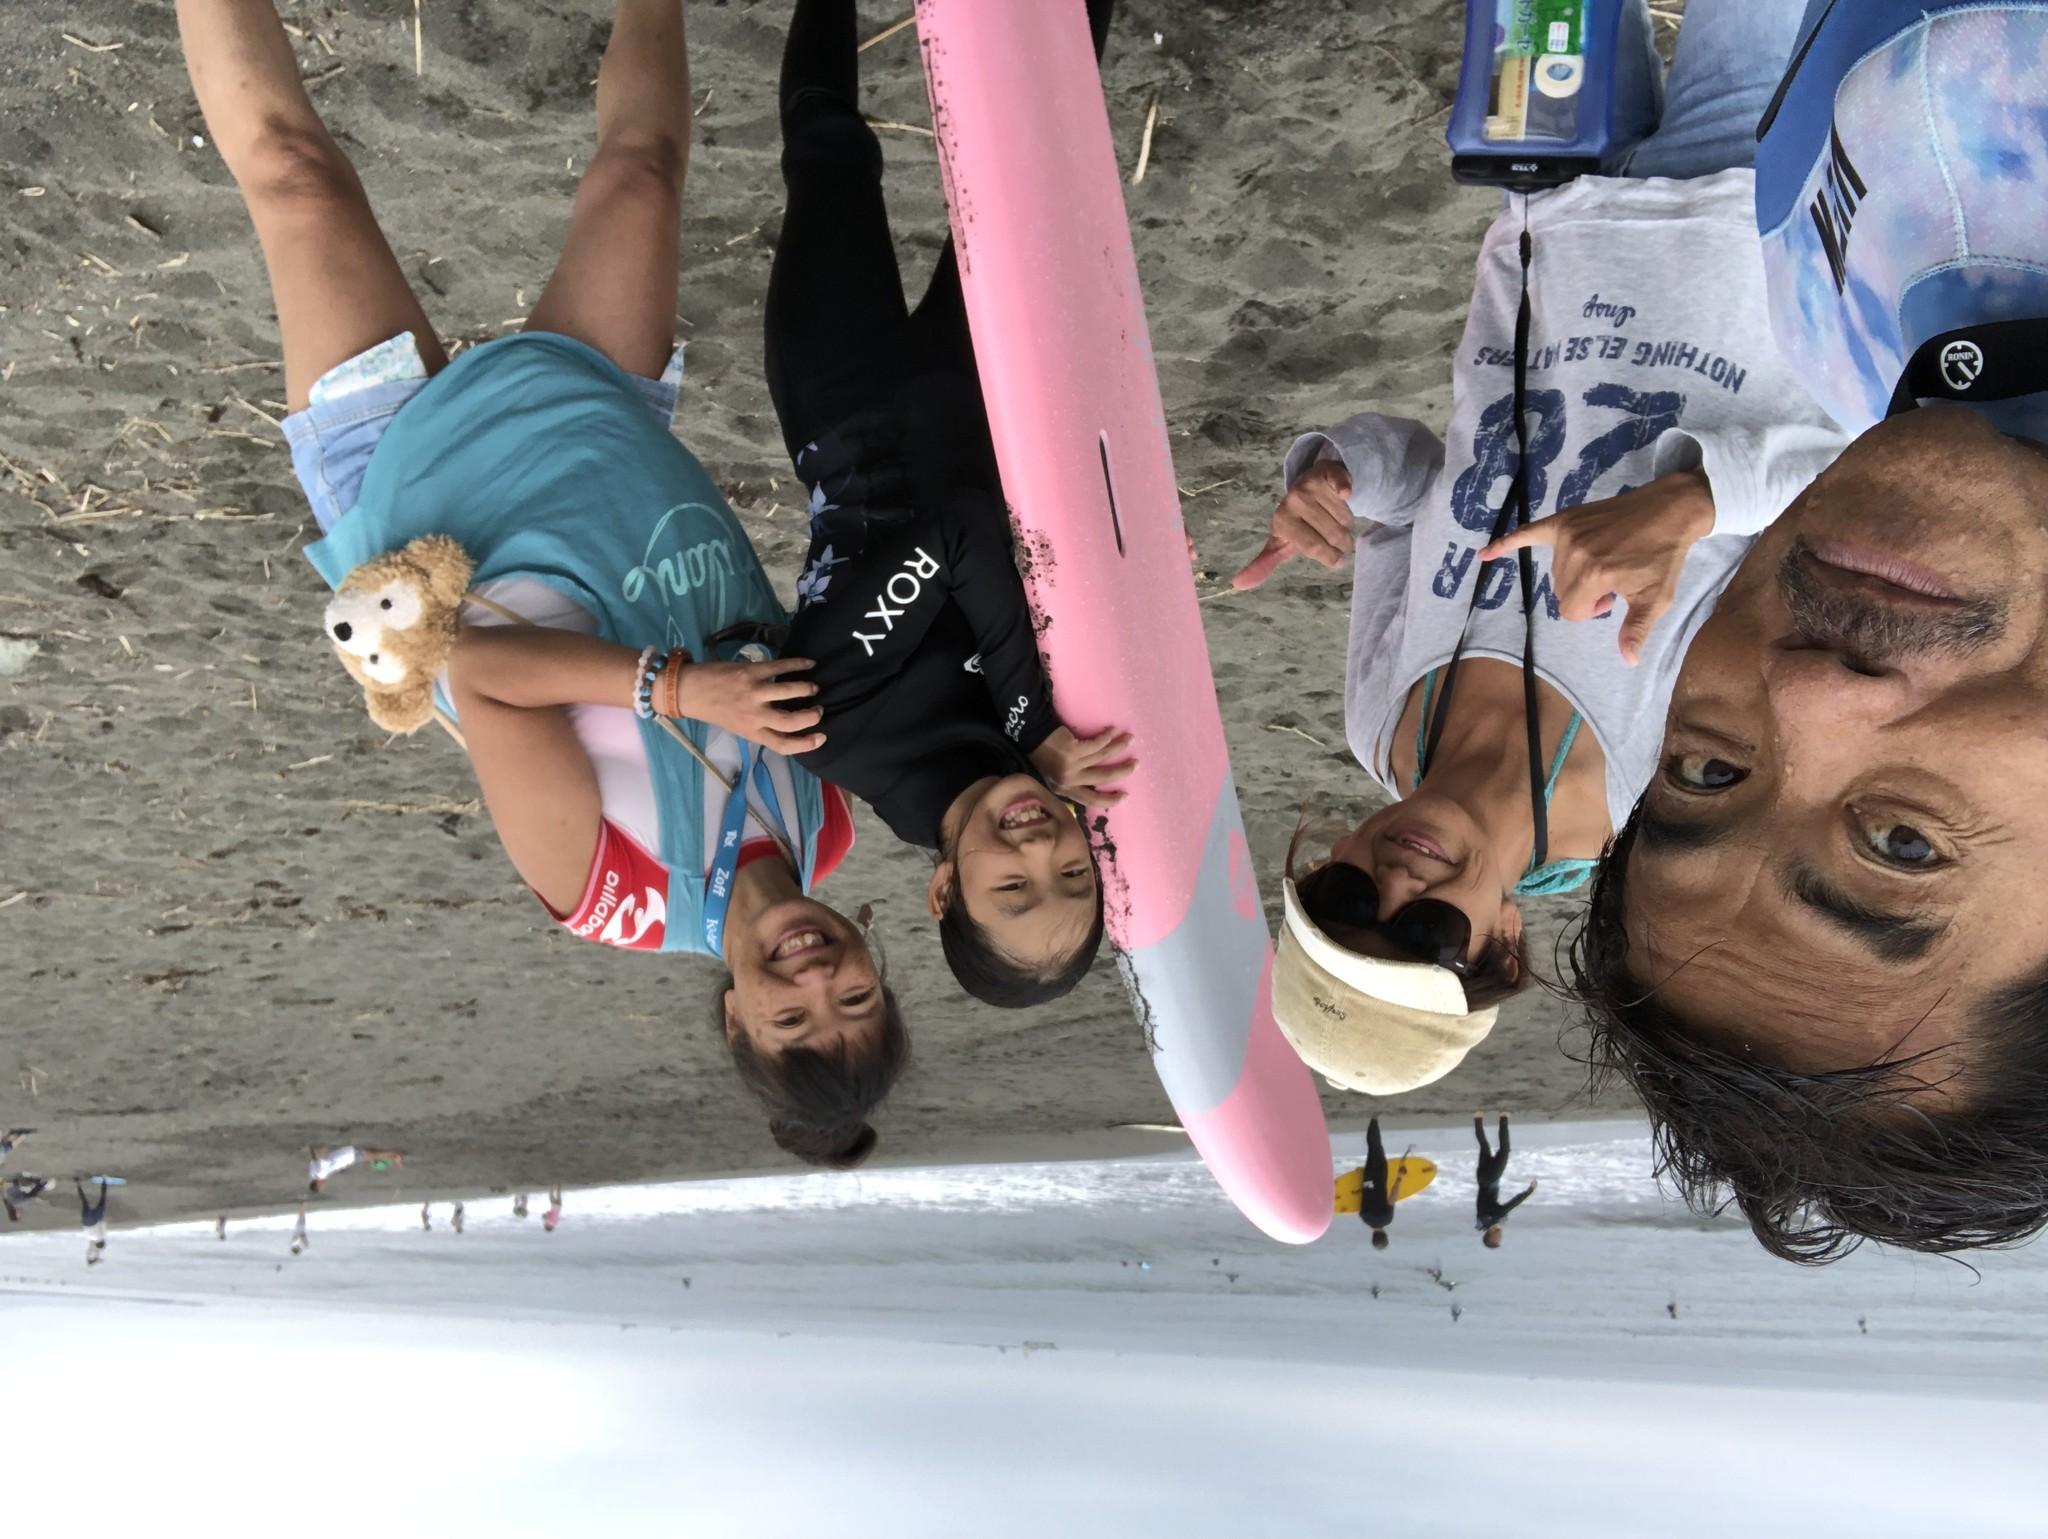 マンツーマンジュニアサーフィントレーニング